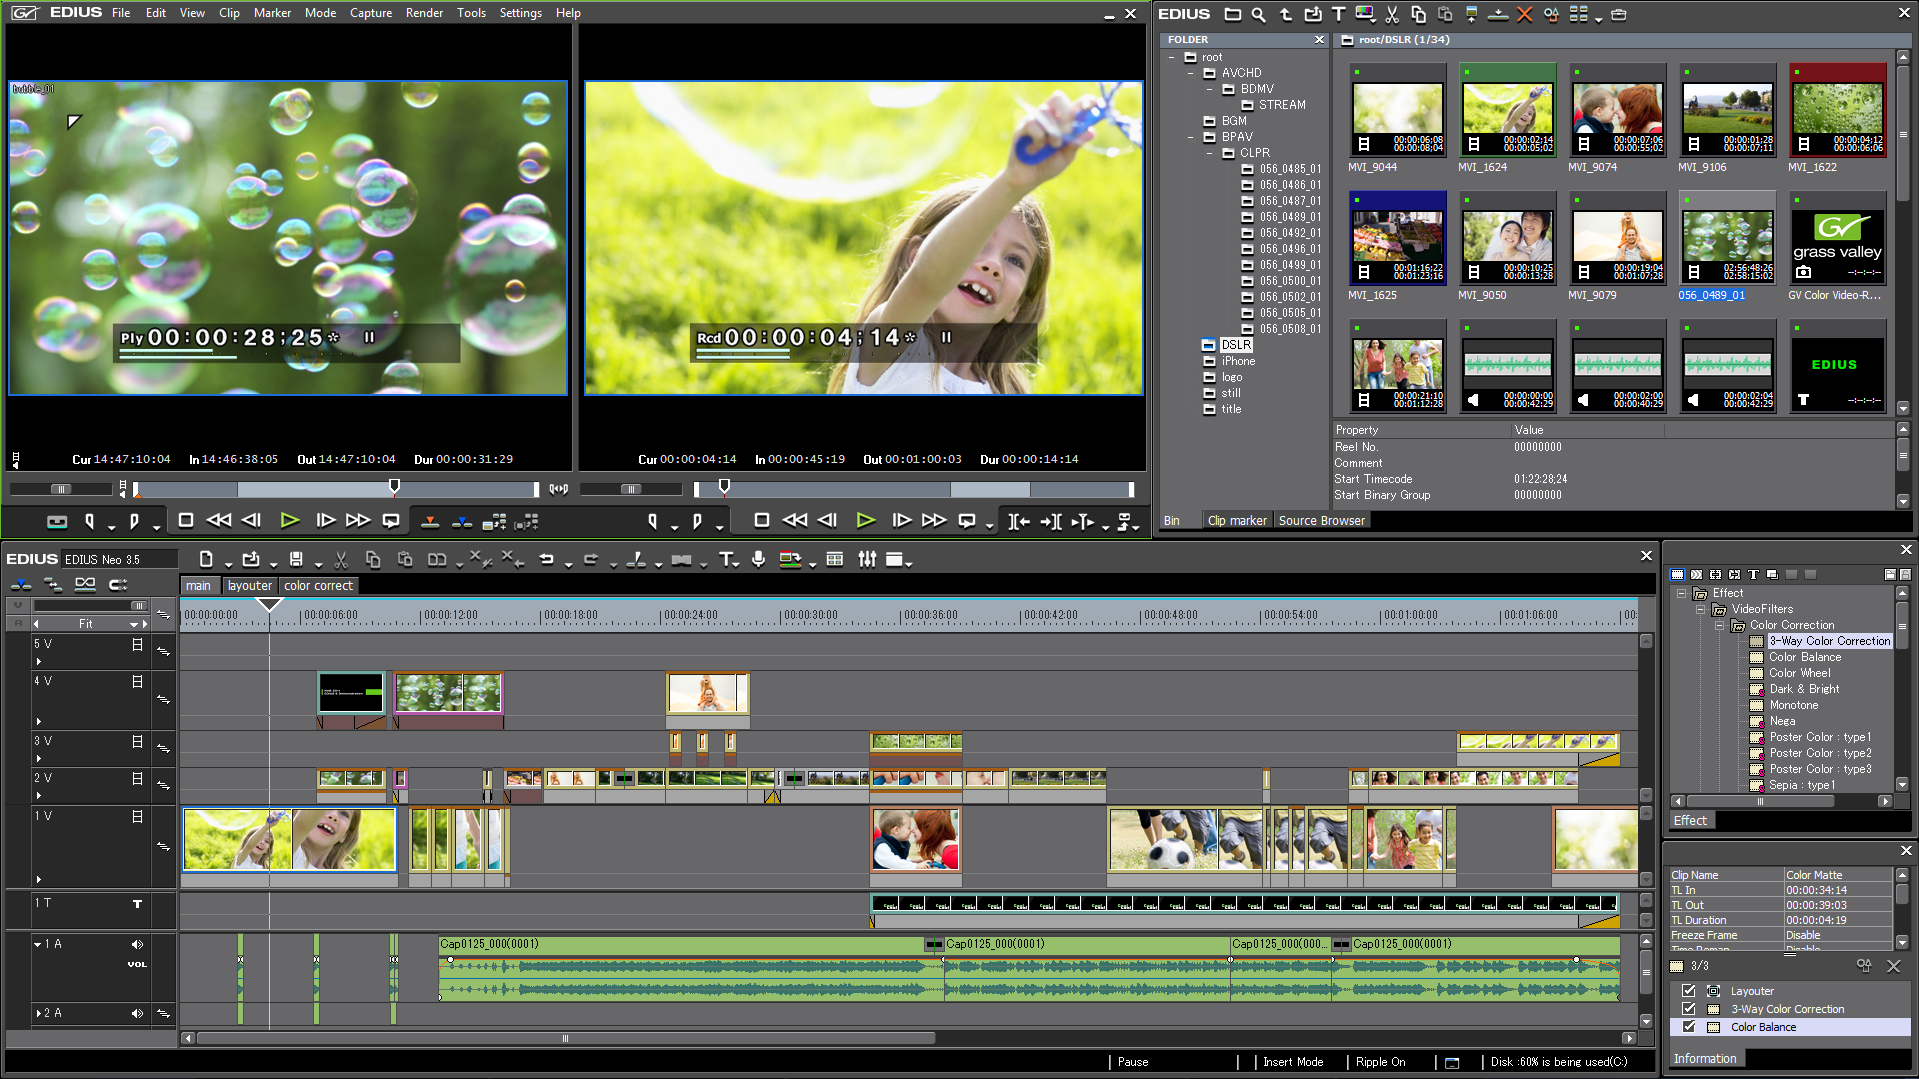 edius video editing software download